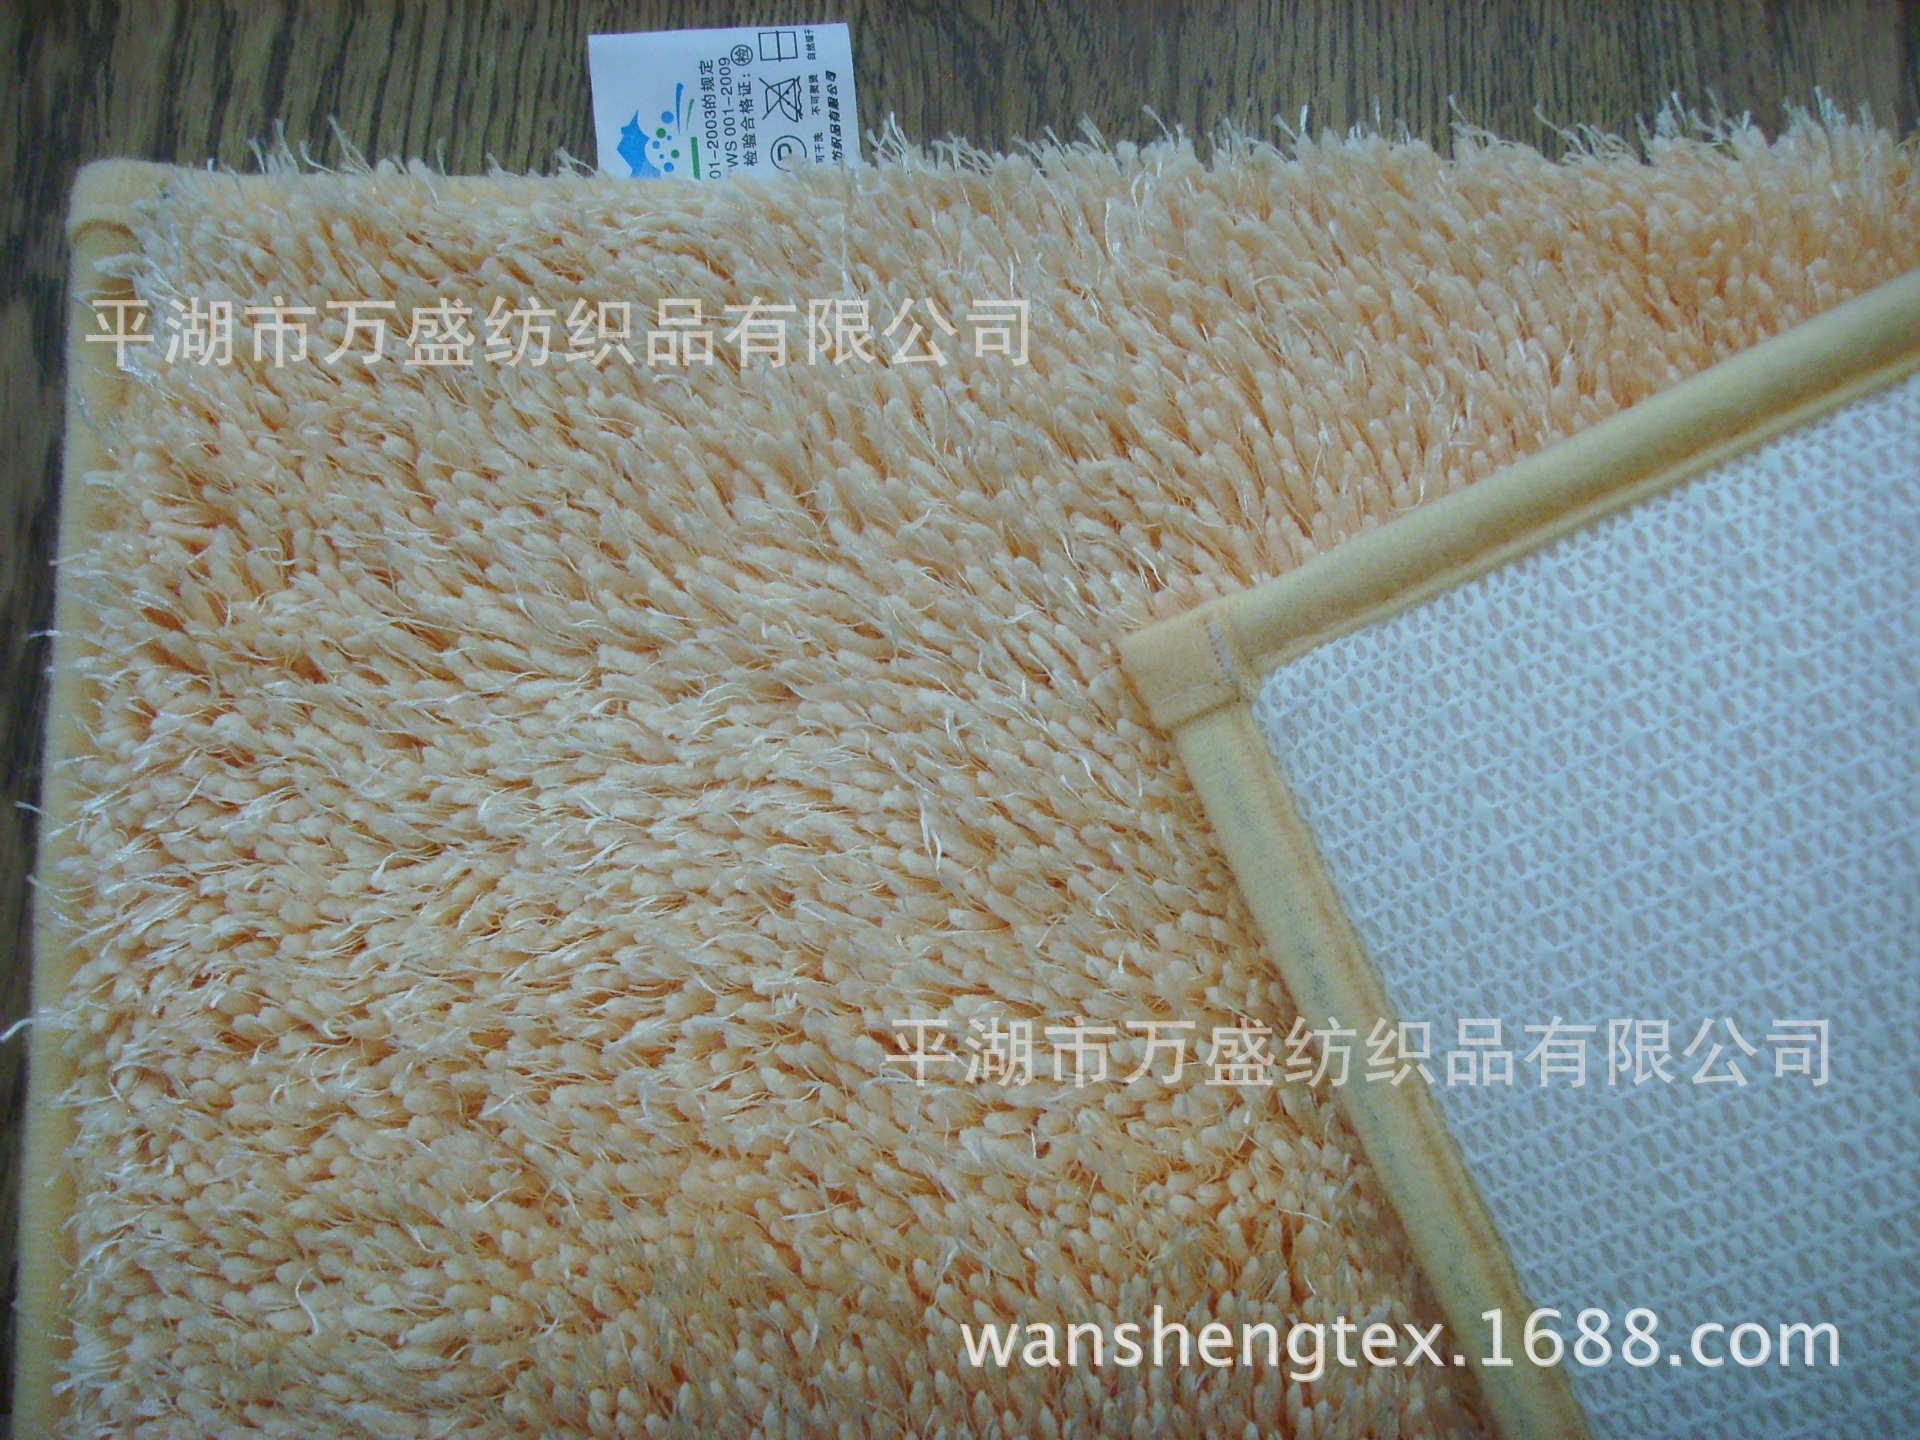 厂家【新品热销】 星星雪尼尔地毯/地垫/沙发垫/汽车坐垫